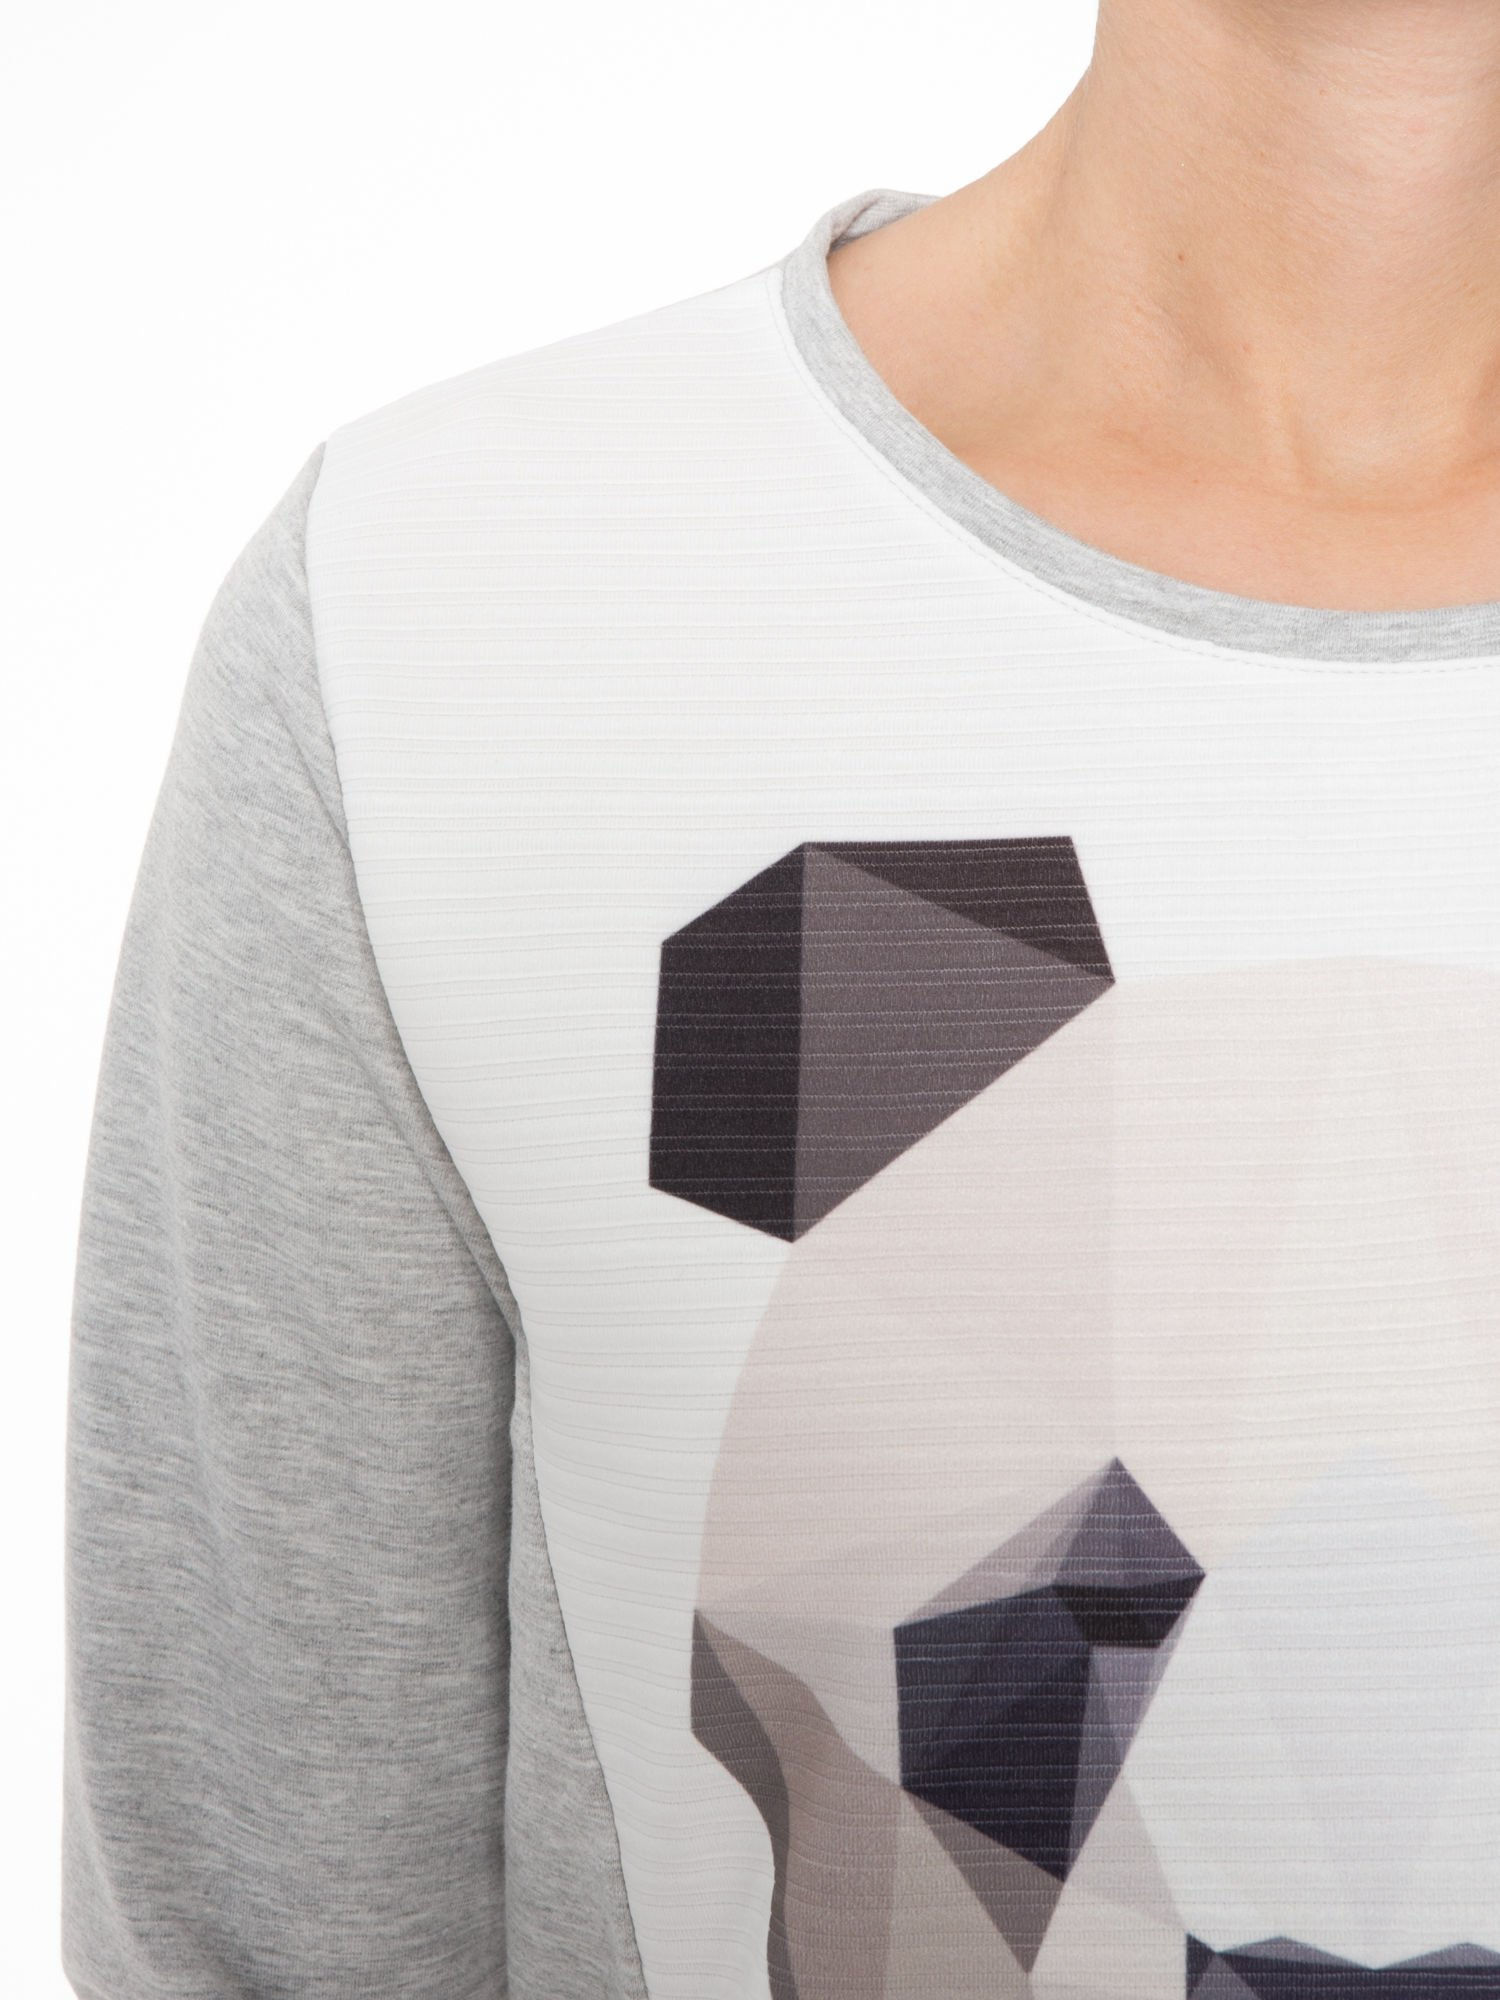 Szara dresowa bluza z nadrukiem pandy                                  zdj.                                  5